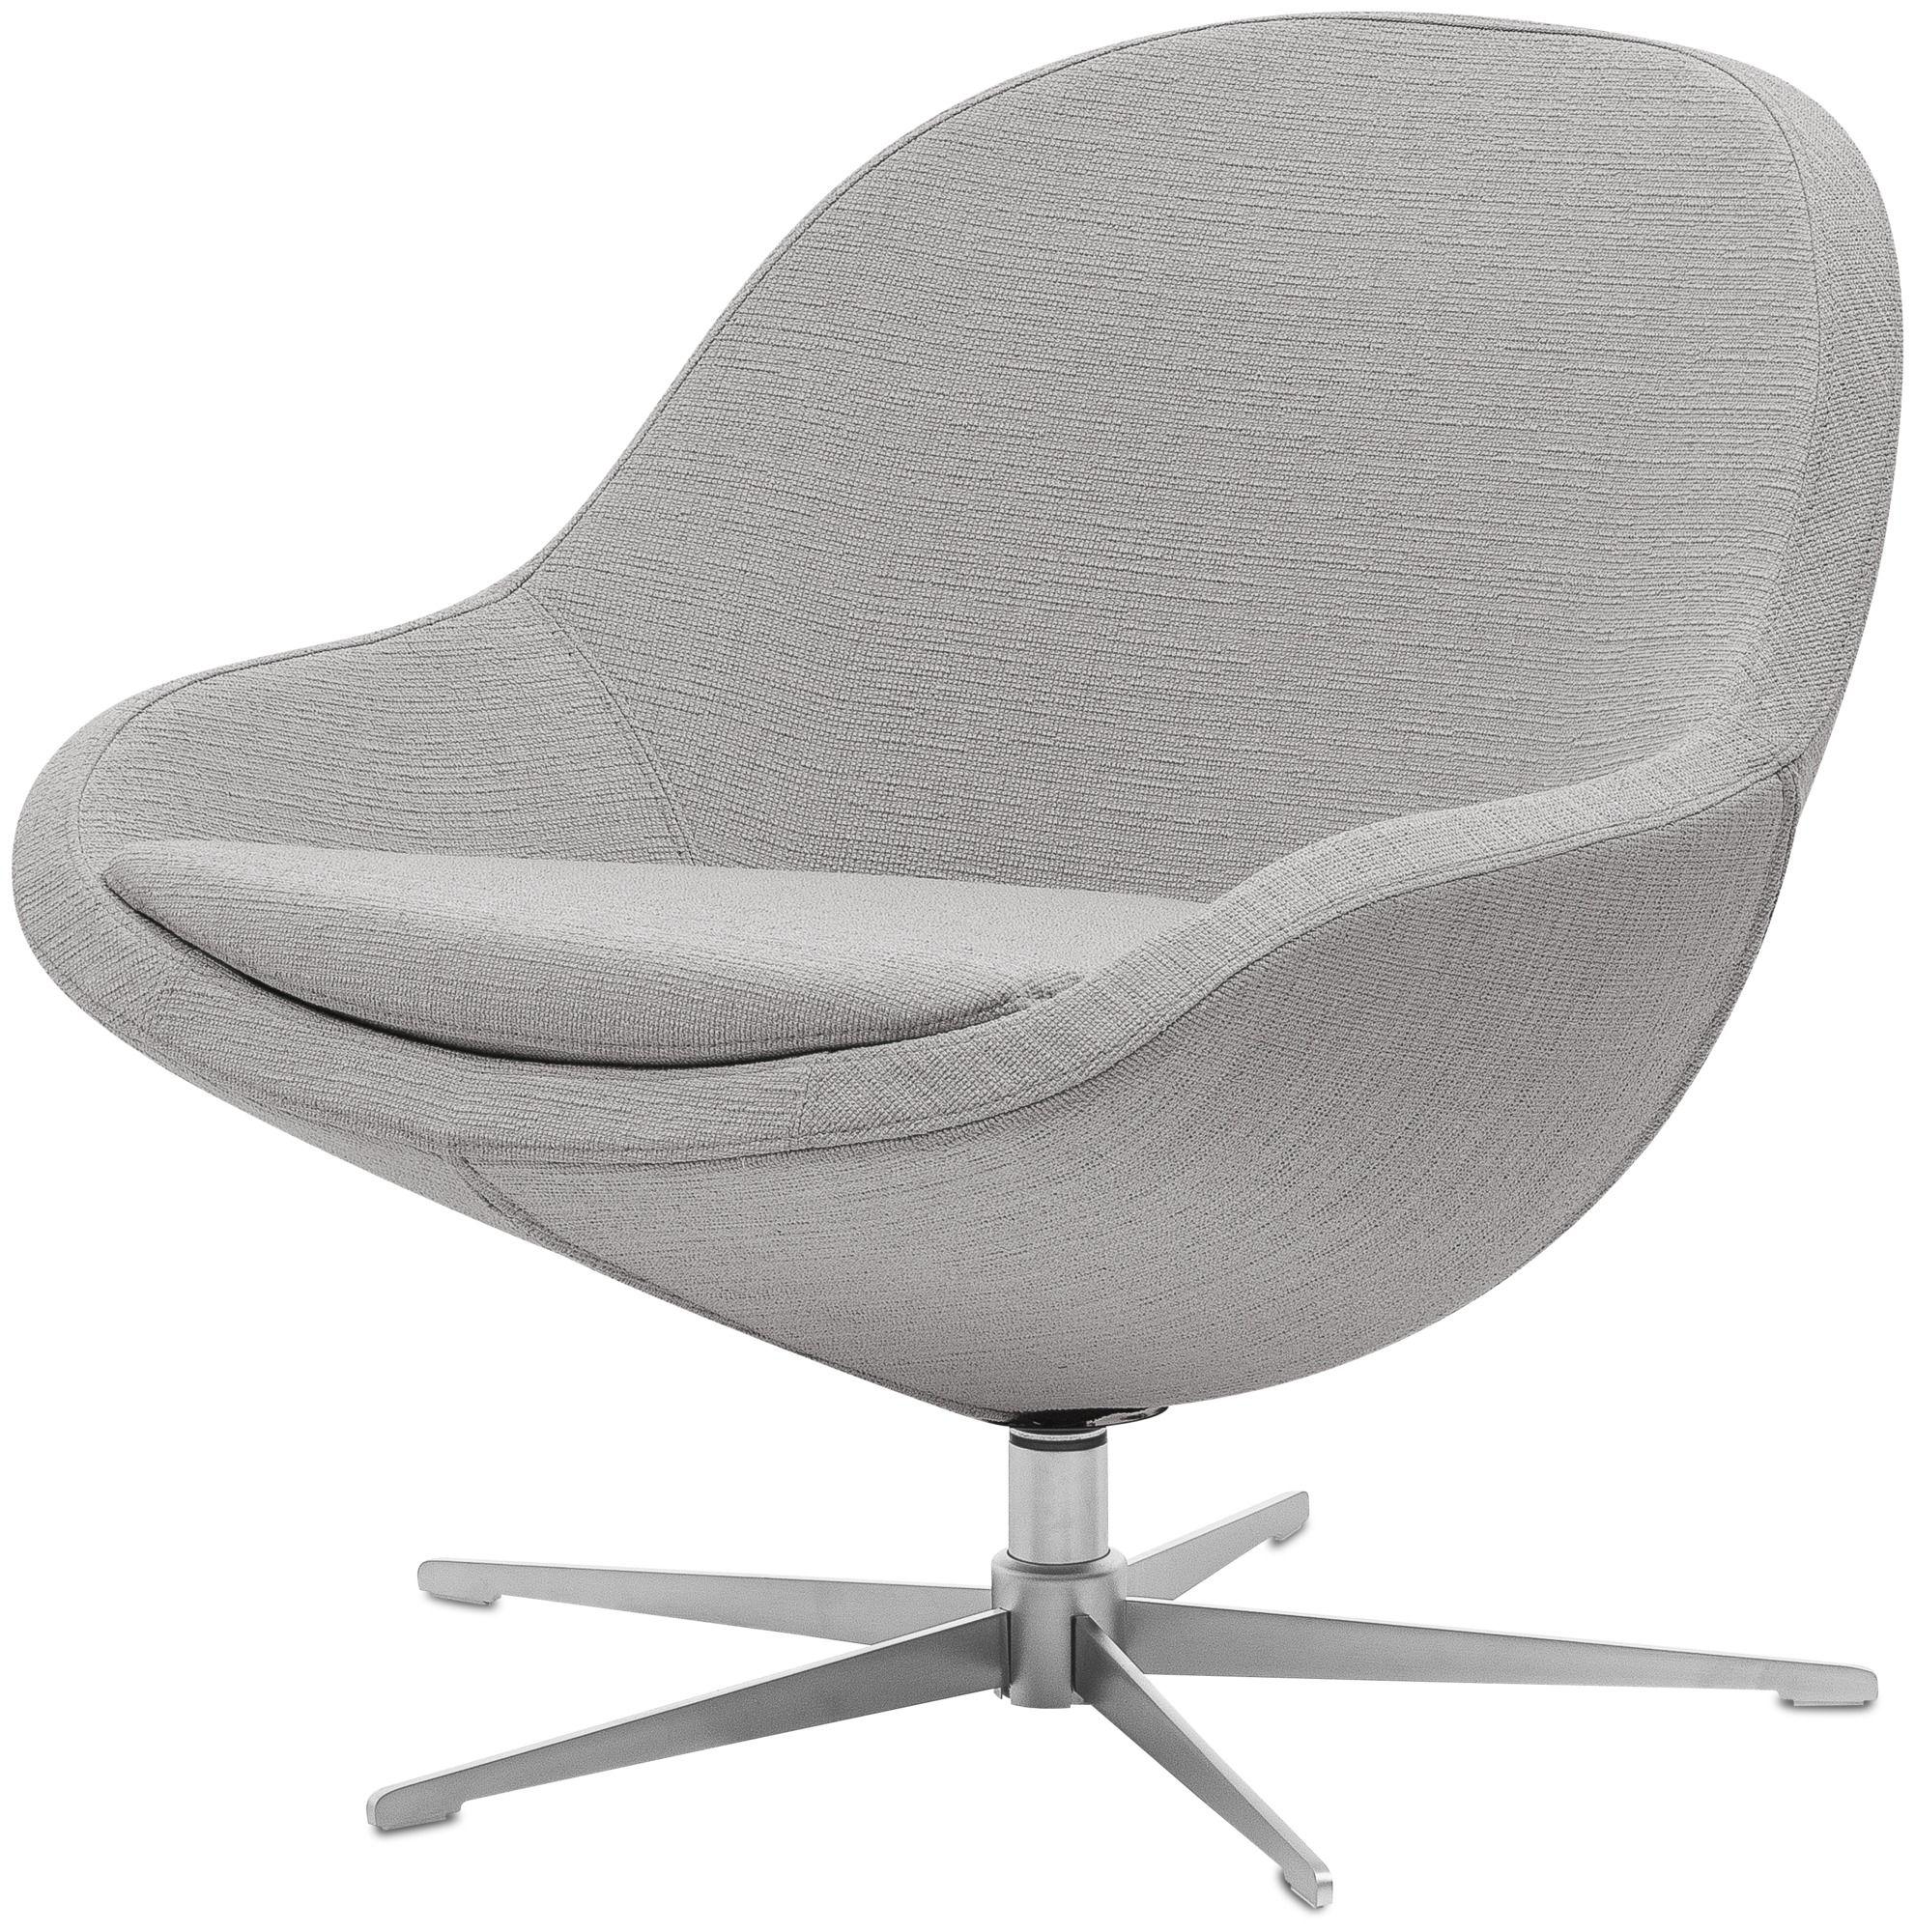 boconcept fauteuils design fauteuil. Black Bedroom Furniture Sets. Home Design Ideas